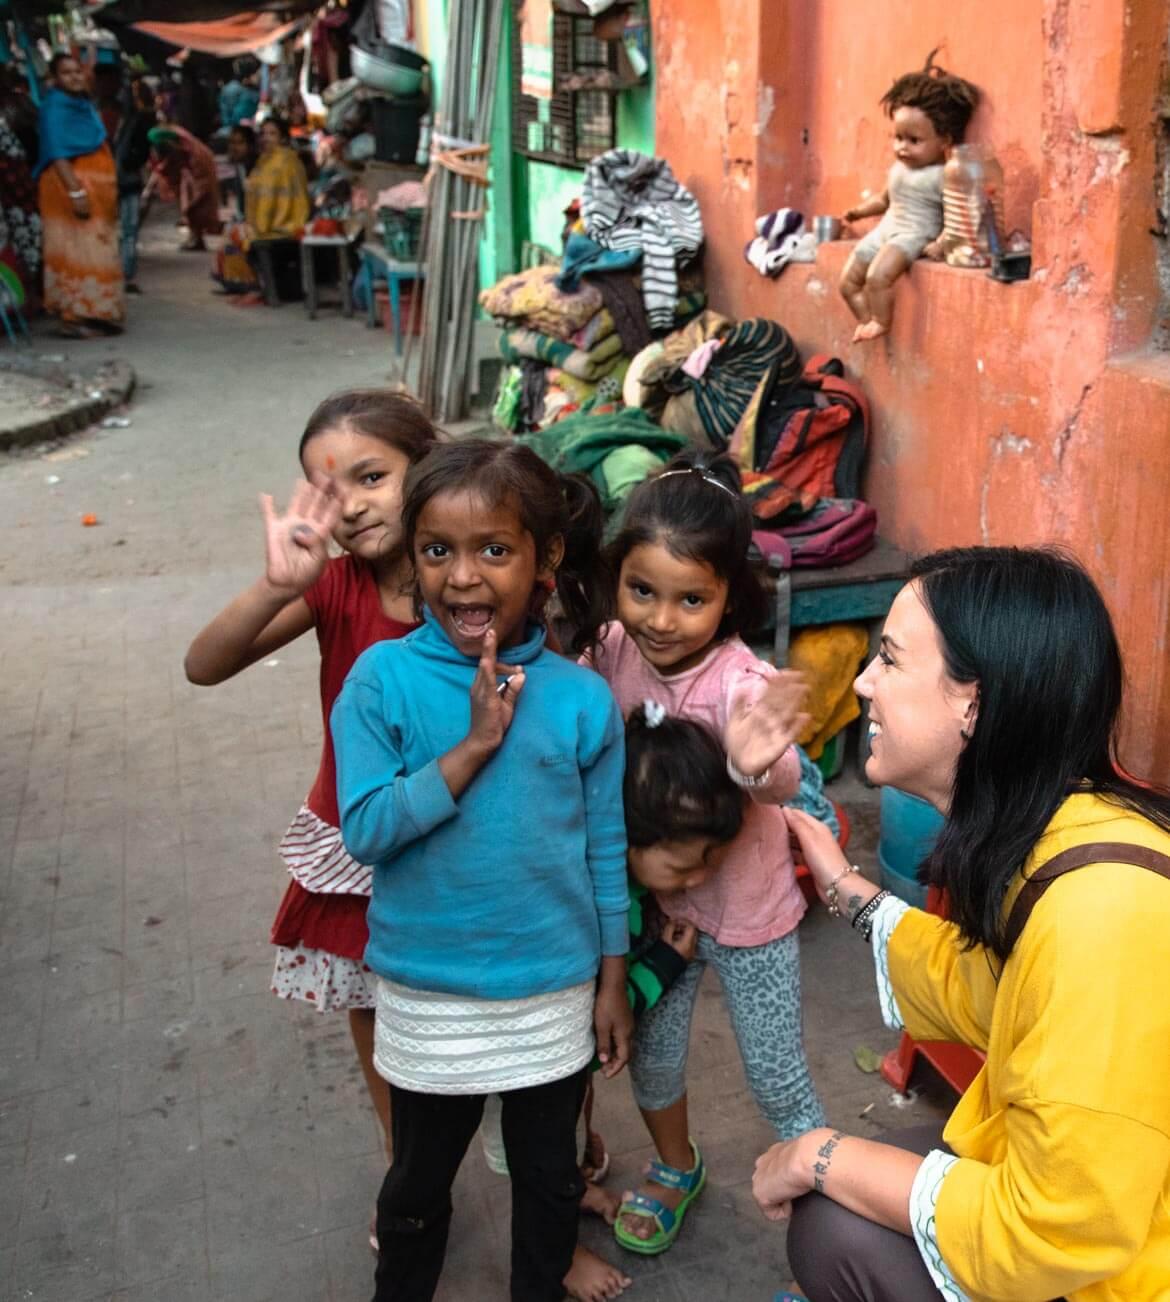 bambini di strada a Calcutta